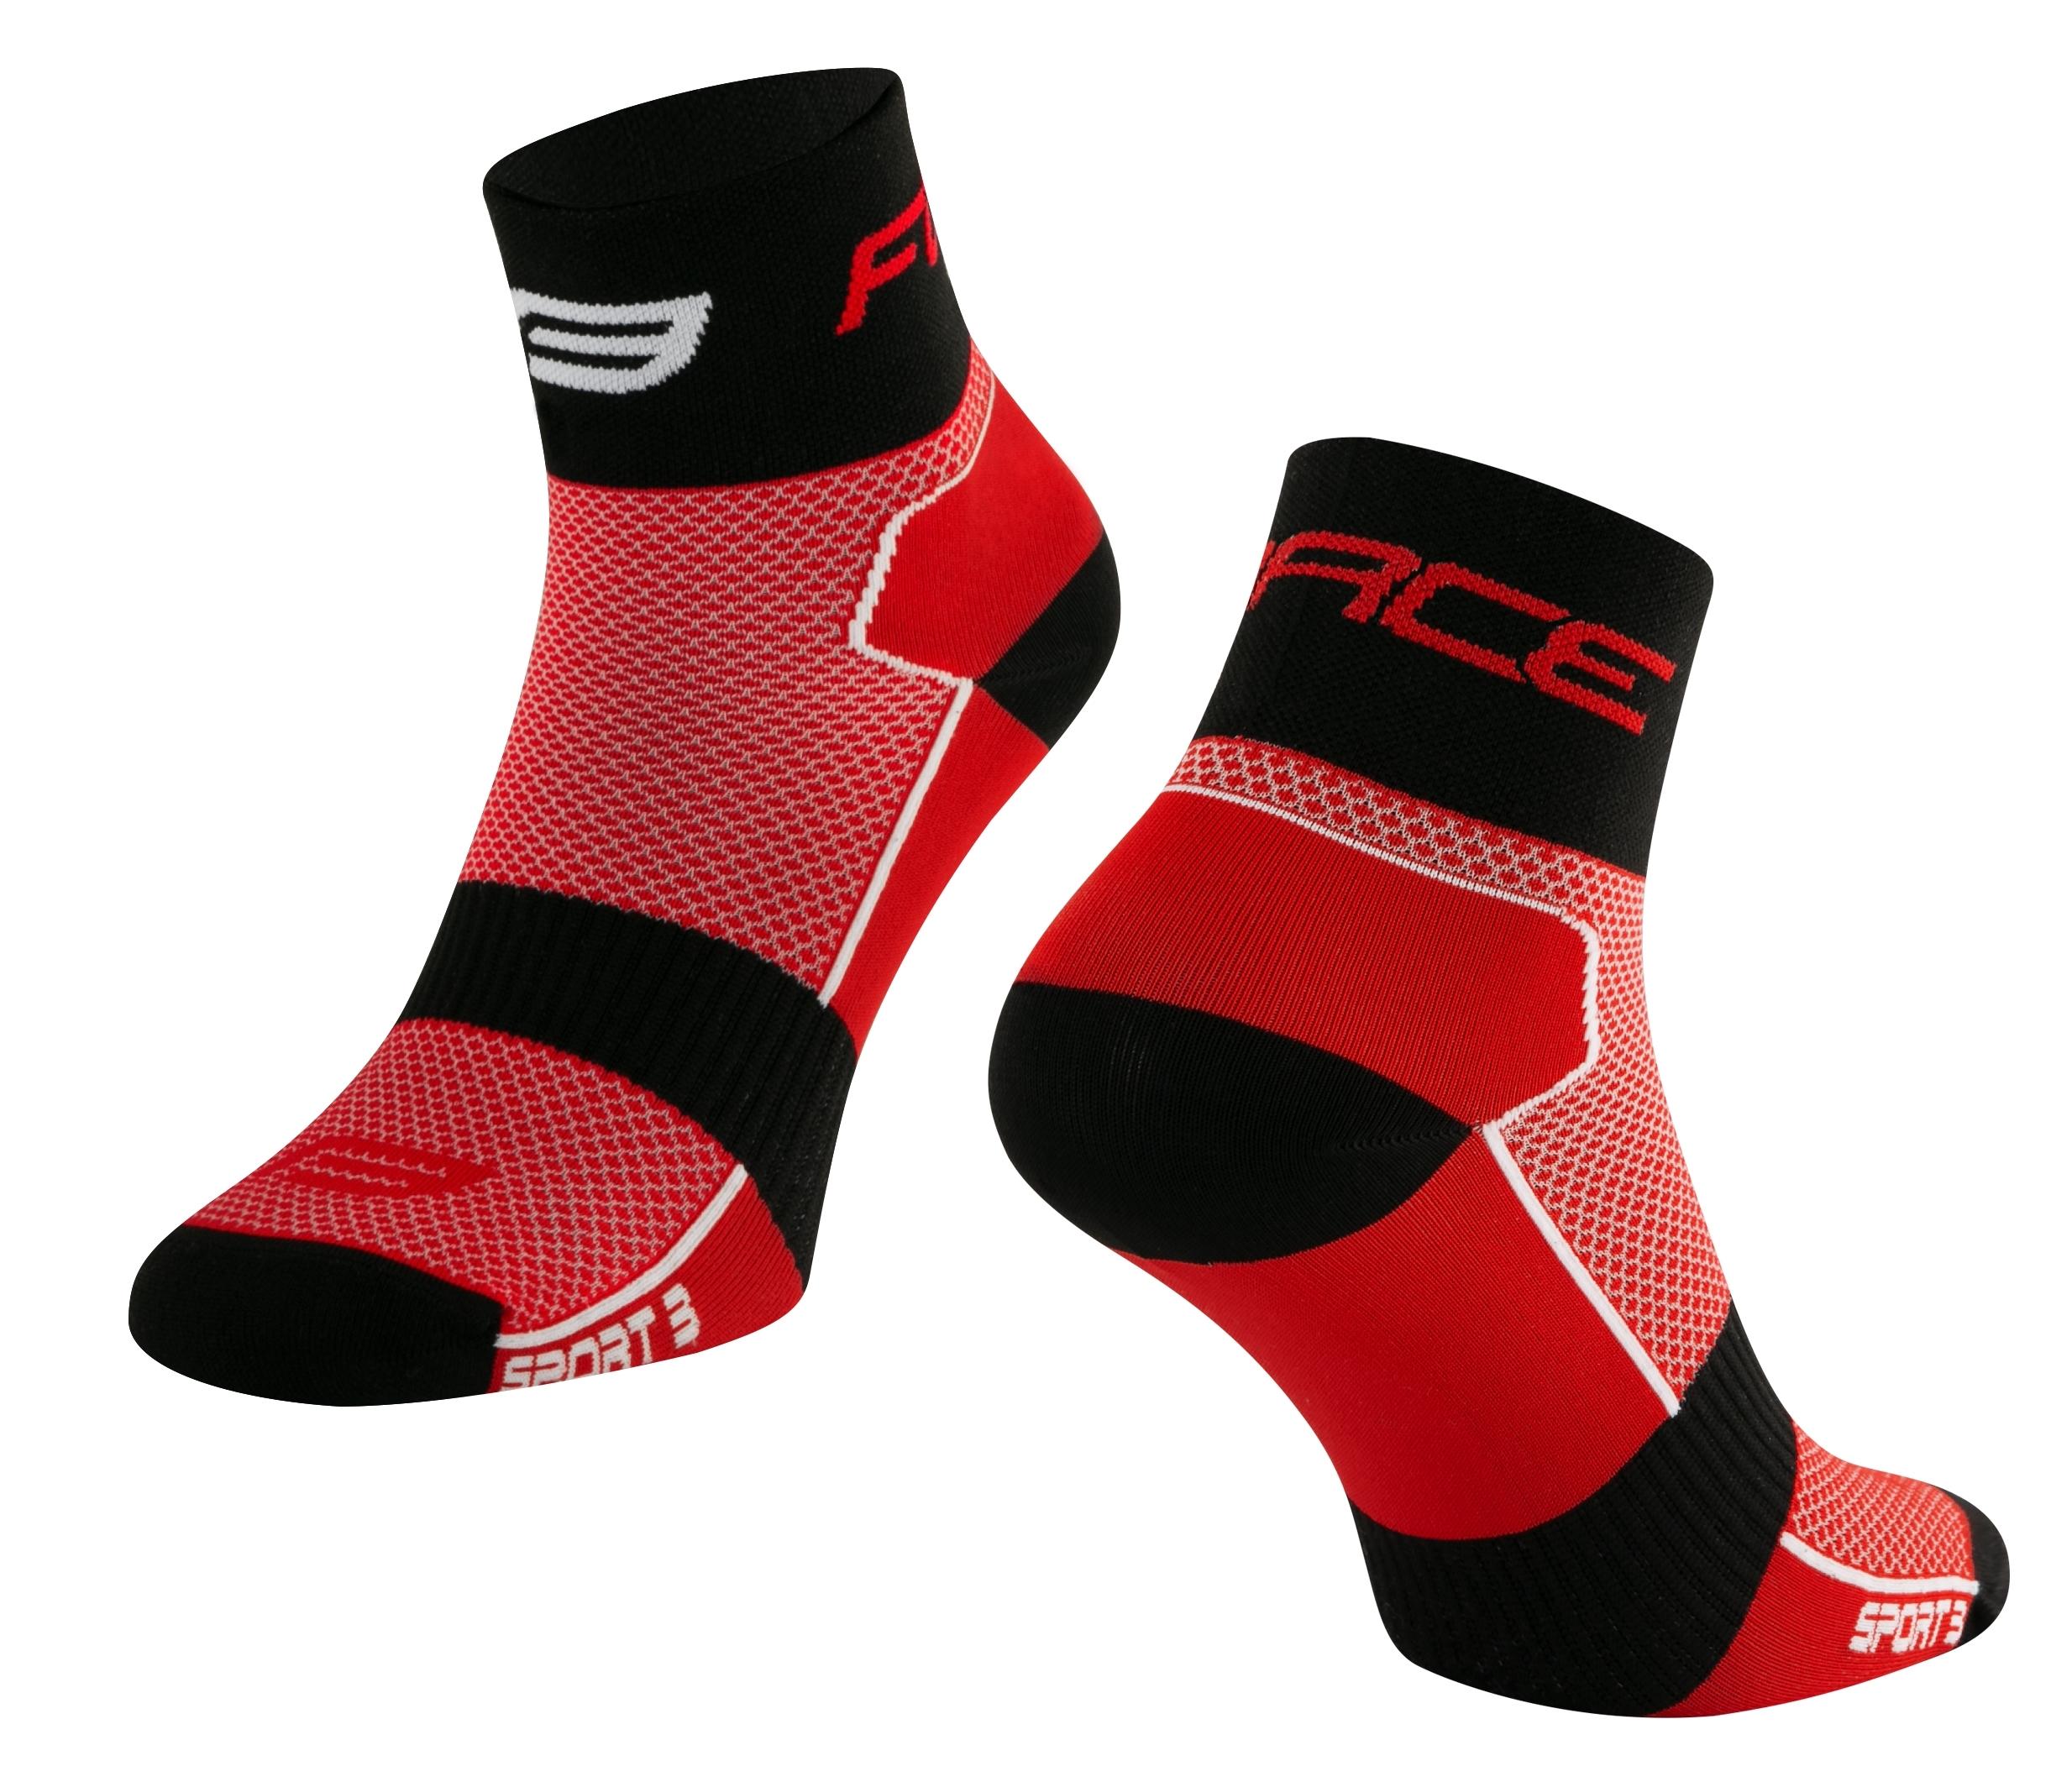 ponožky FORCE SPORT 3, červeno-černé S-M/36-41